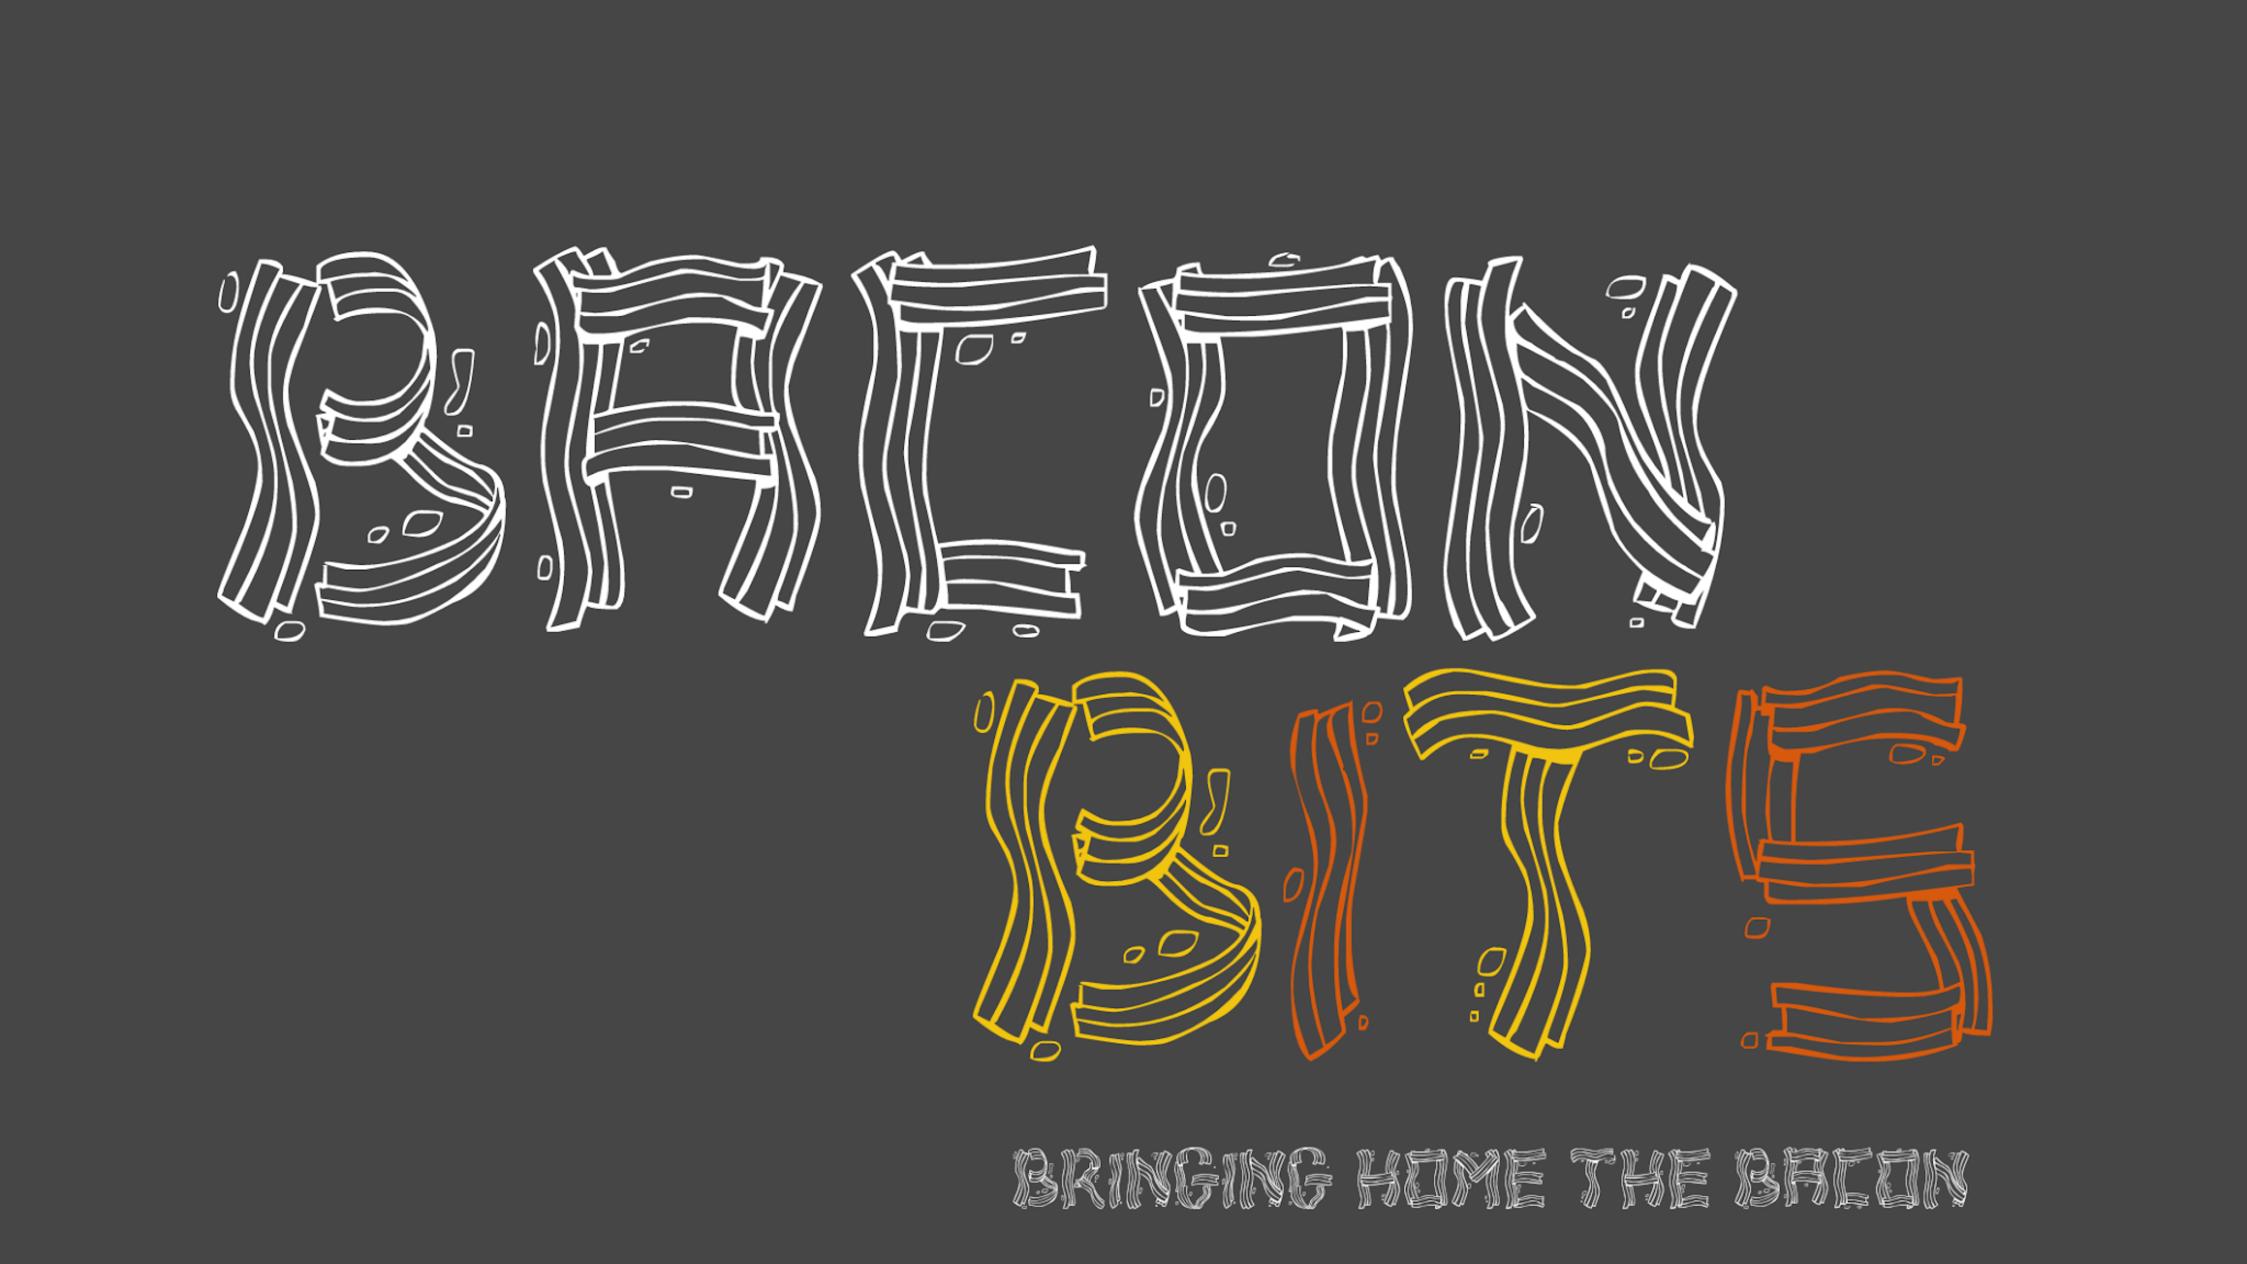 BaconBits